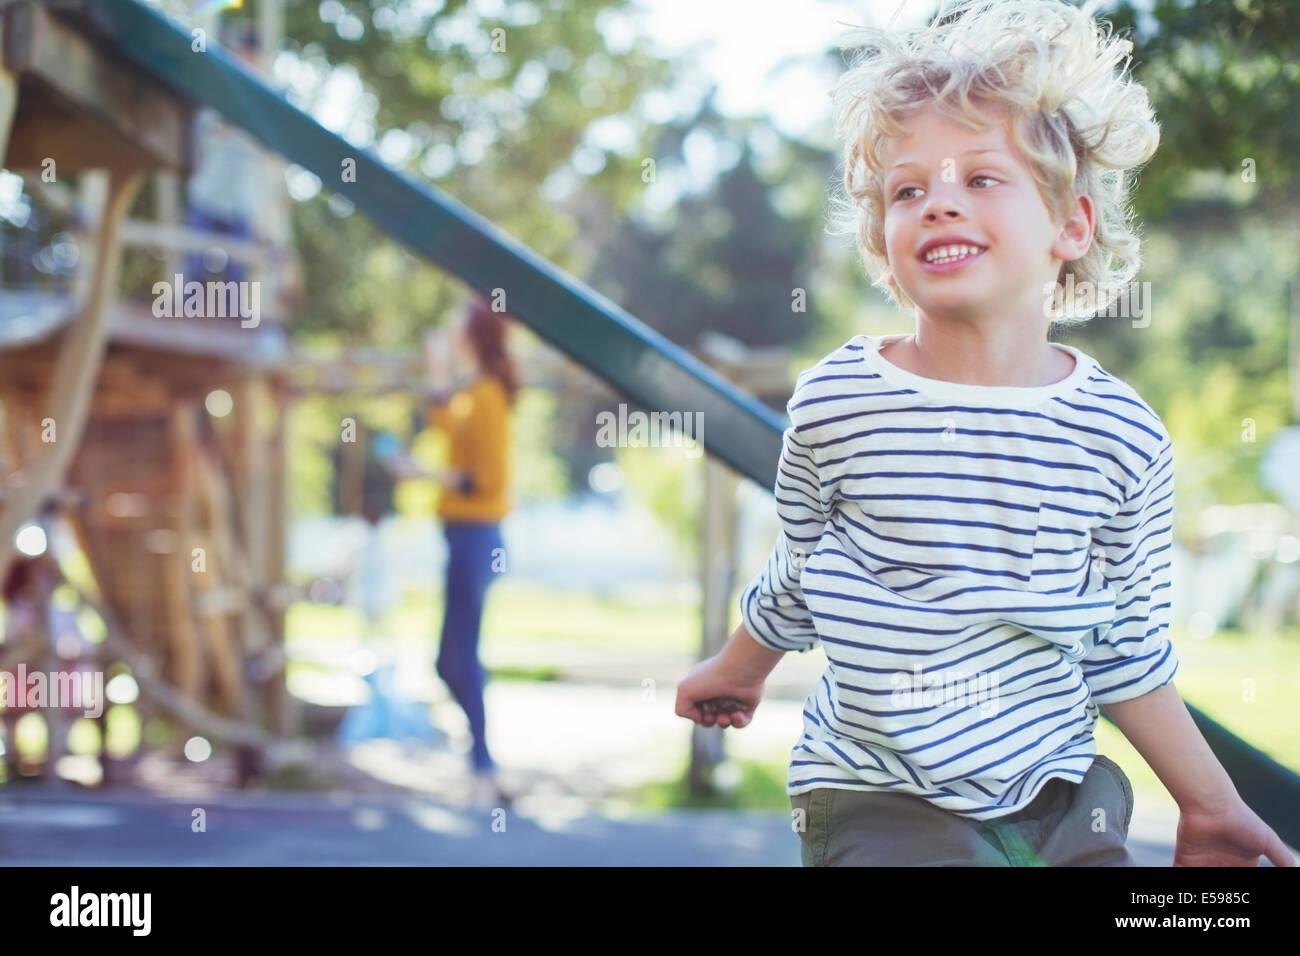 Junge spielt auf Spielplatz Stockfoto